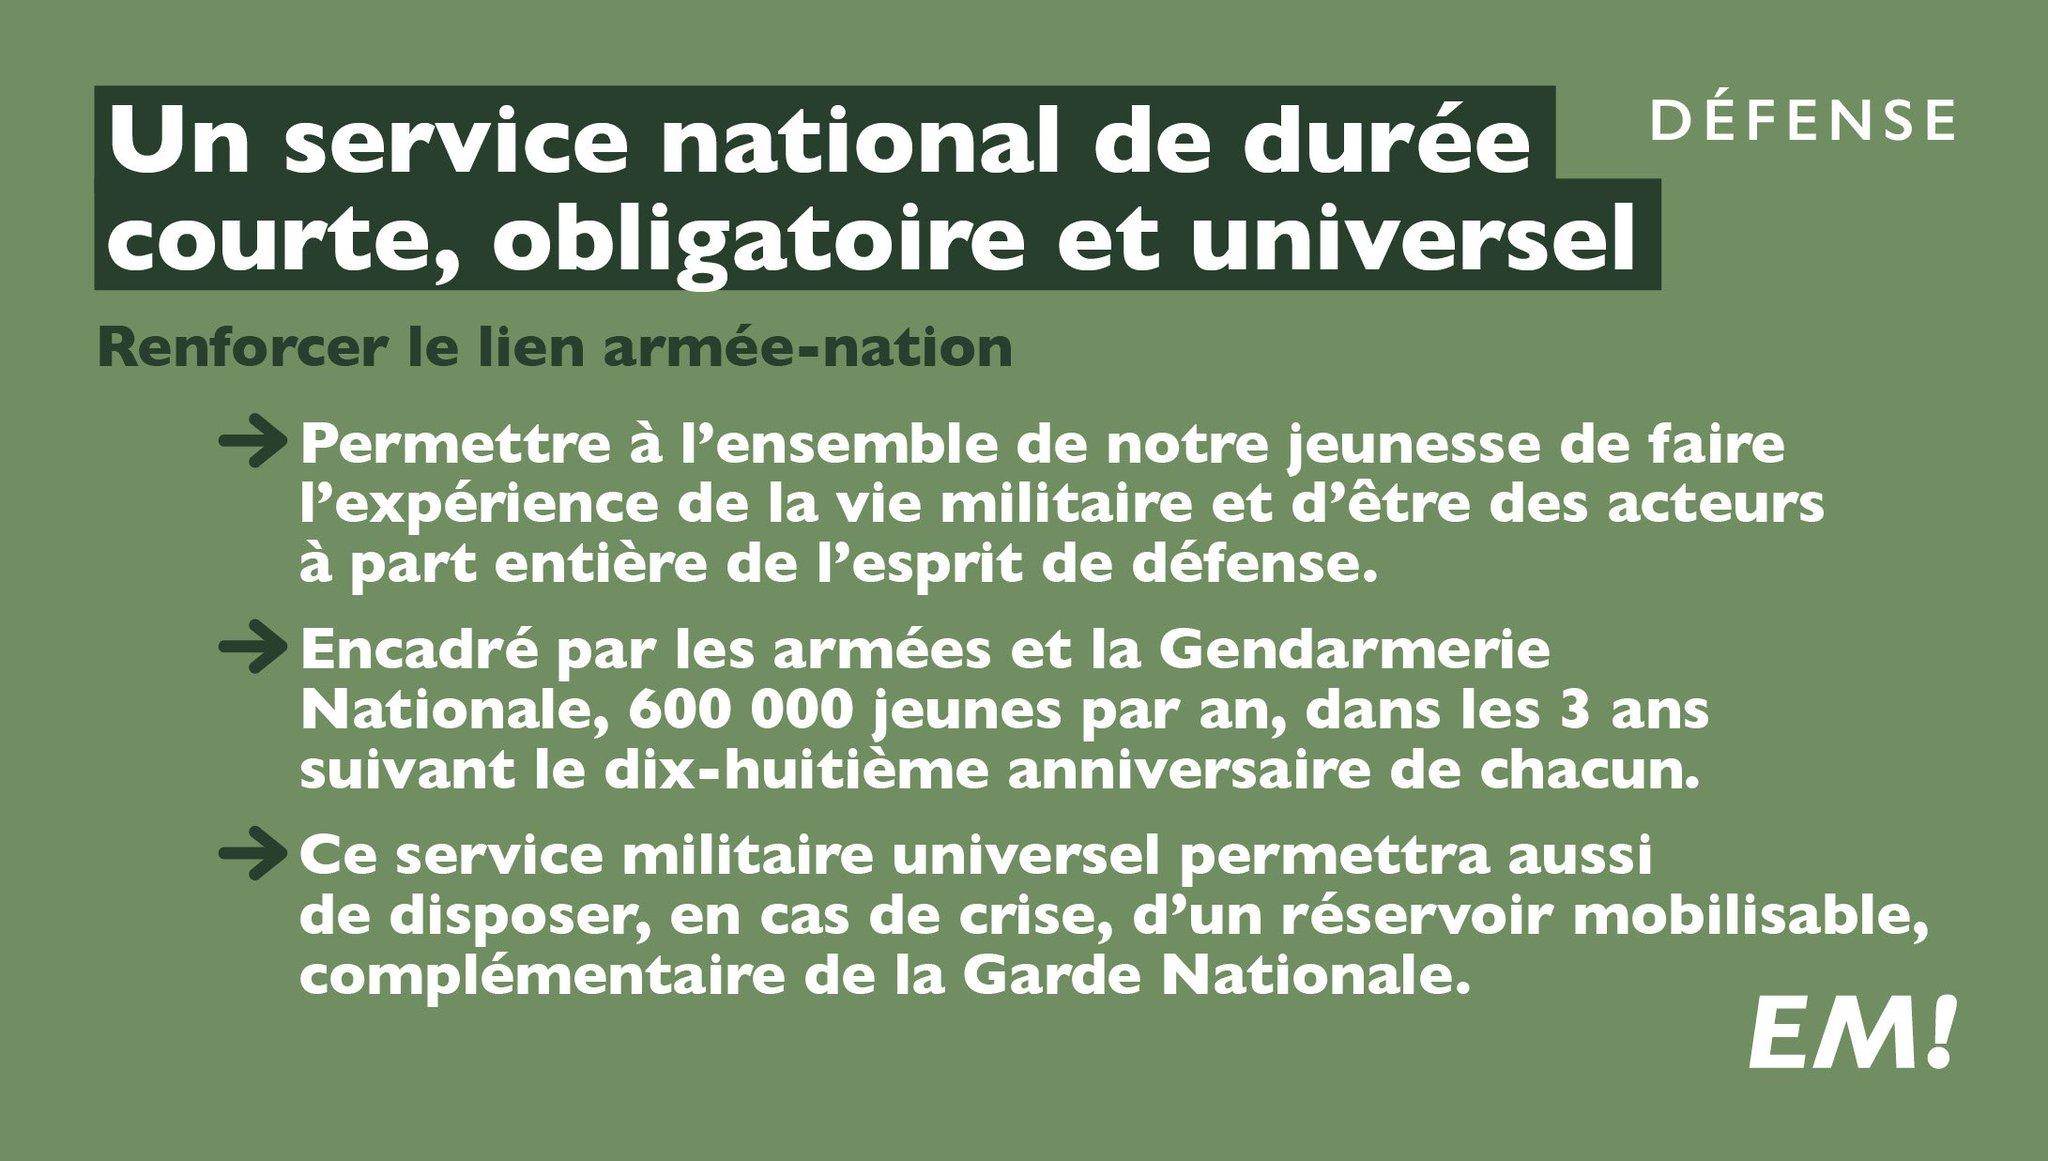 J'instaurerai un service national de durée courte, obligatoire et universel. #MacronDéfense https://t.co/nadVgBNb6r